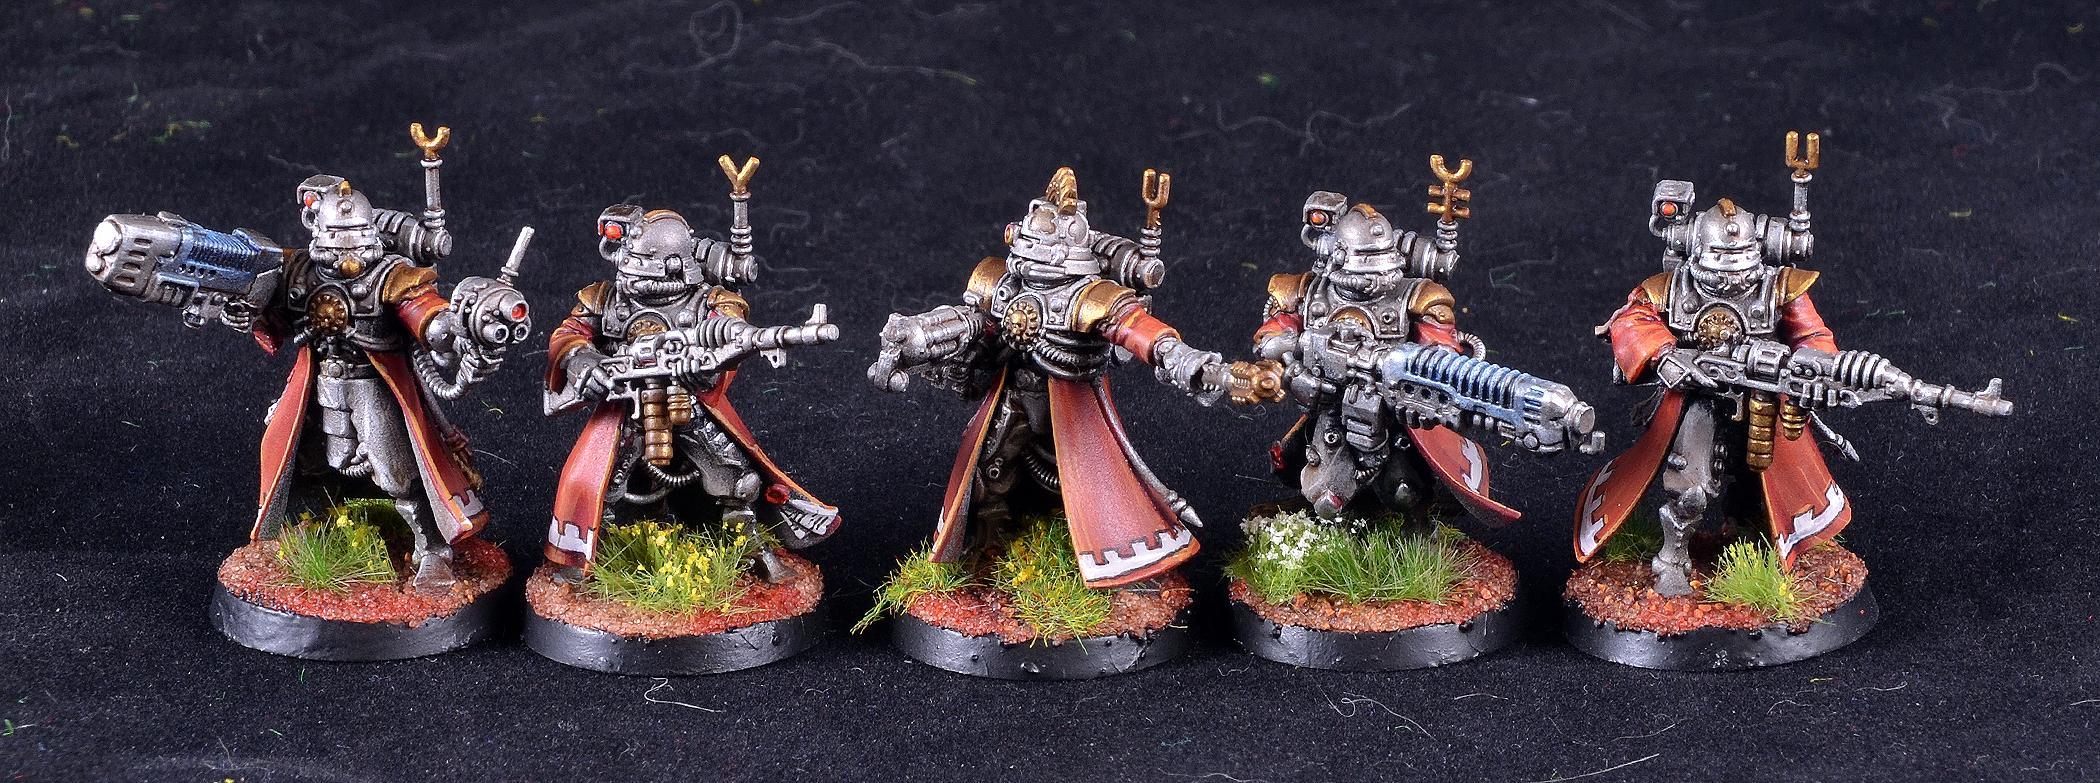 Admech, Vanguard, Warhammer 40,000